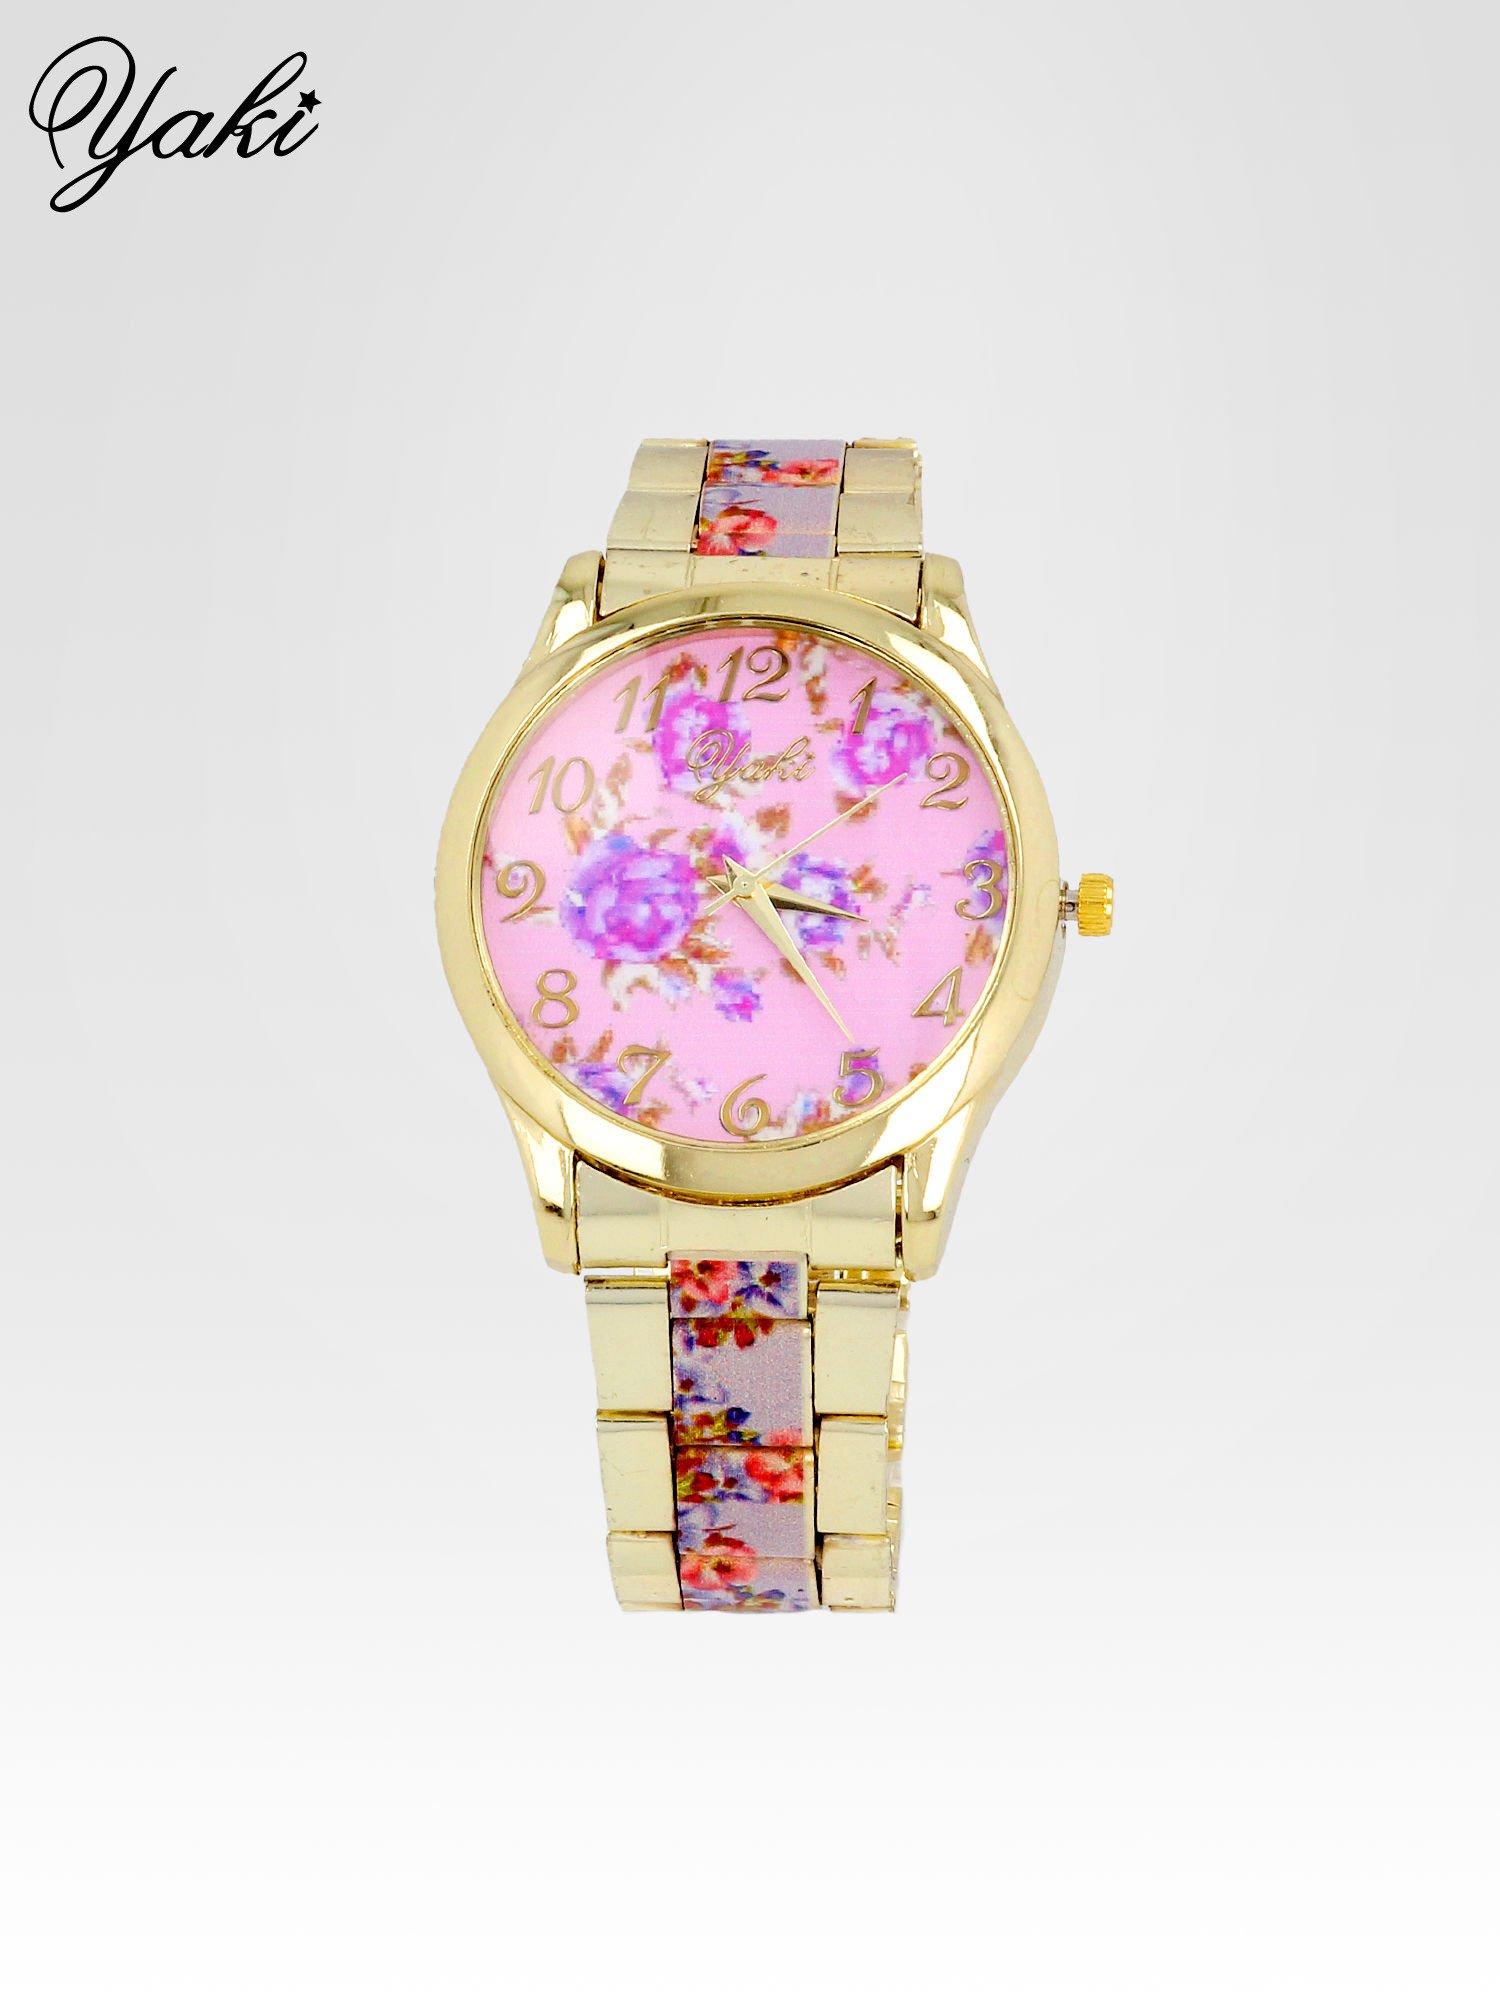 Złoty zegarek damski na bransolecie z jasnoóżowym motywem kwiatowym                                  zdj.                                  1